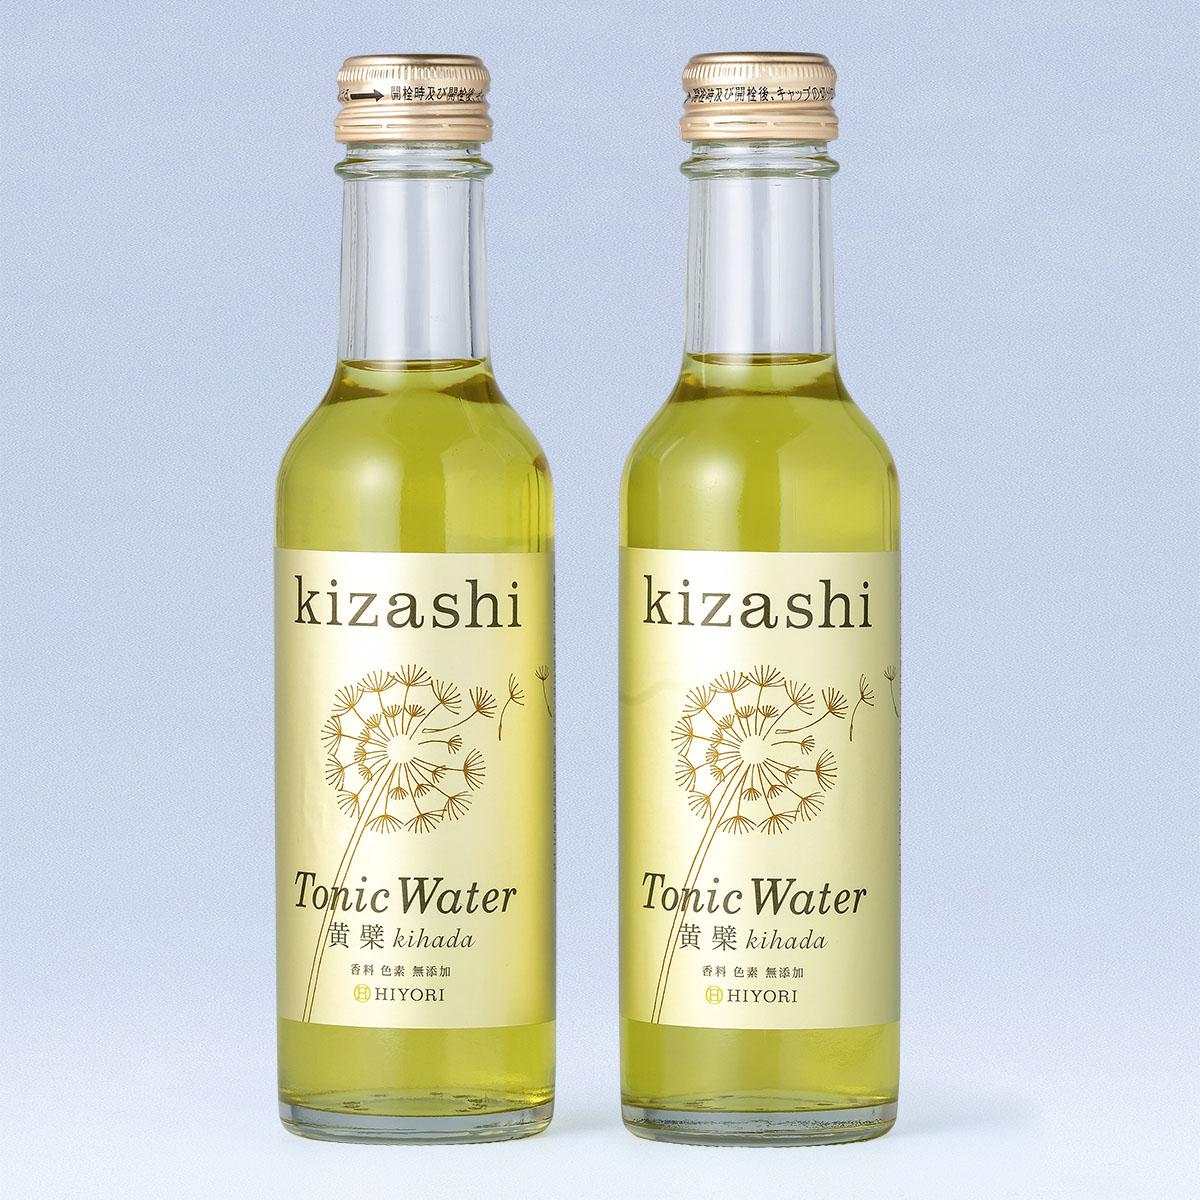 kizashiジントニック【kizashiのみ】